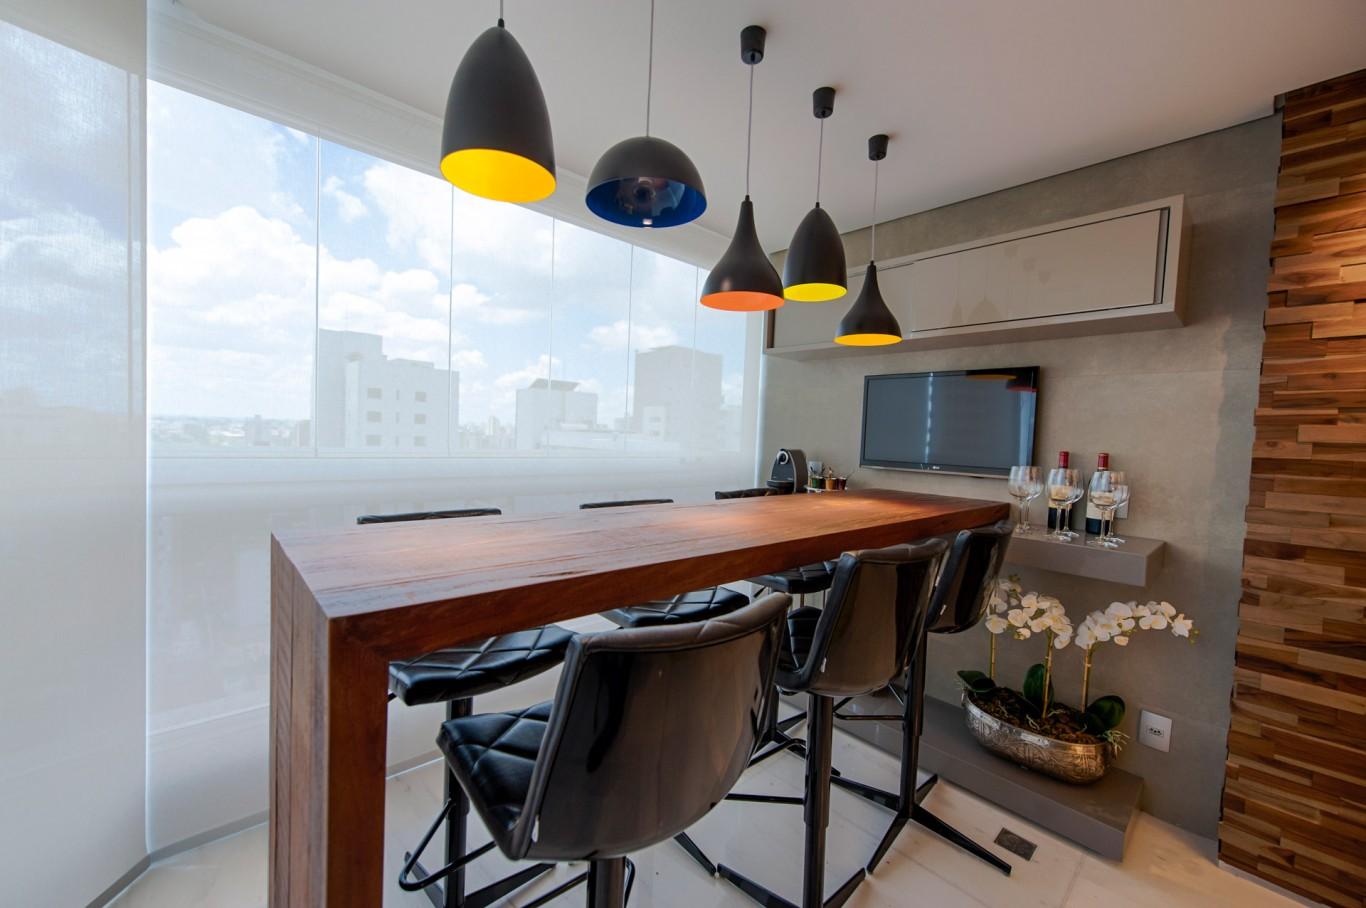 Apartamento Bairro Santo Agostinho - Espaço Horizonte